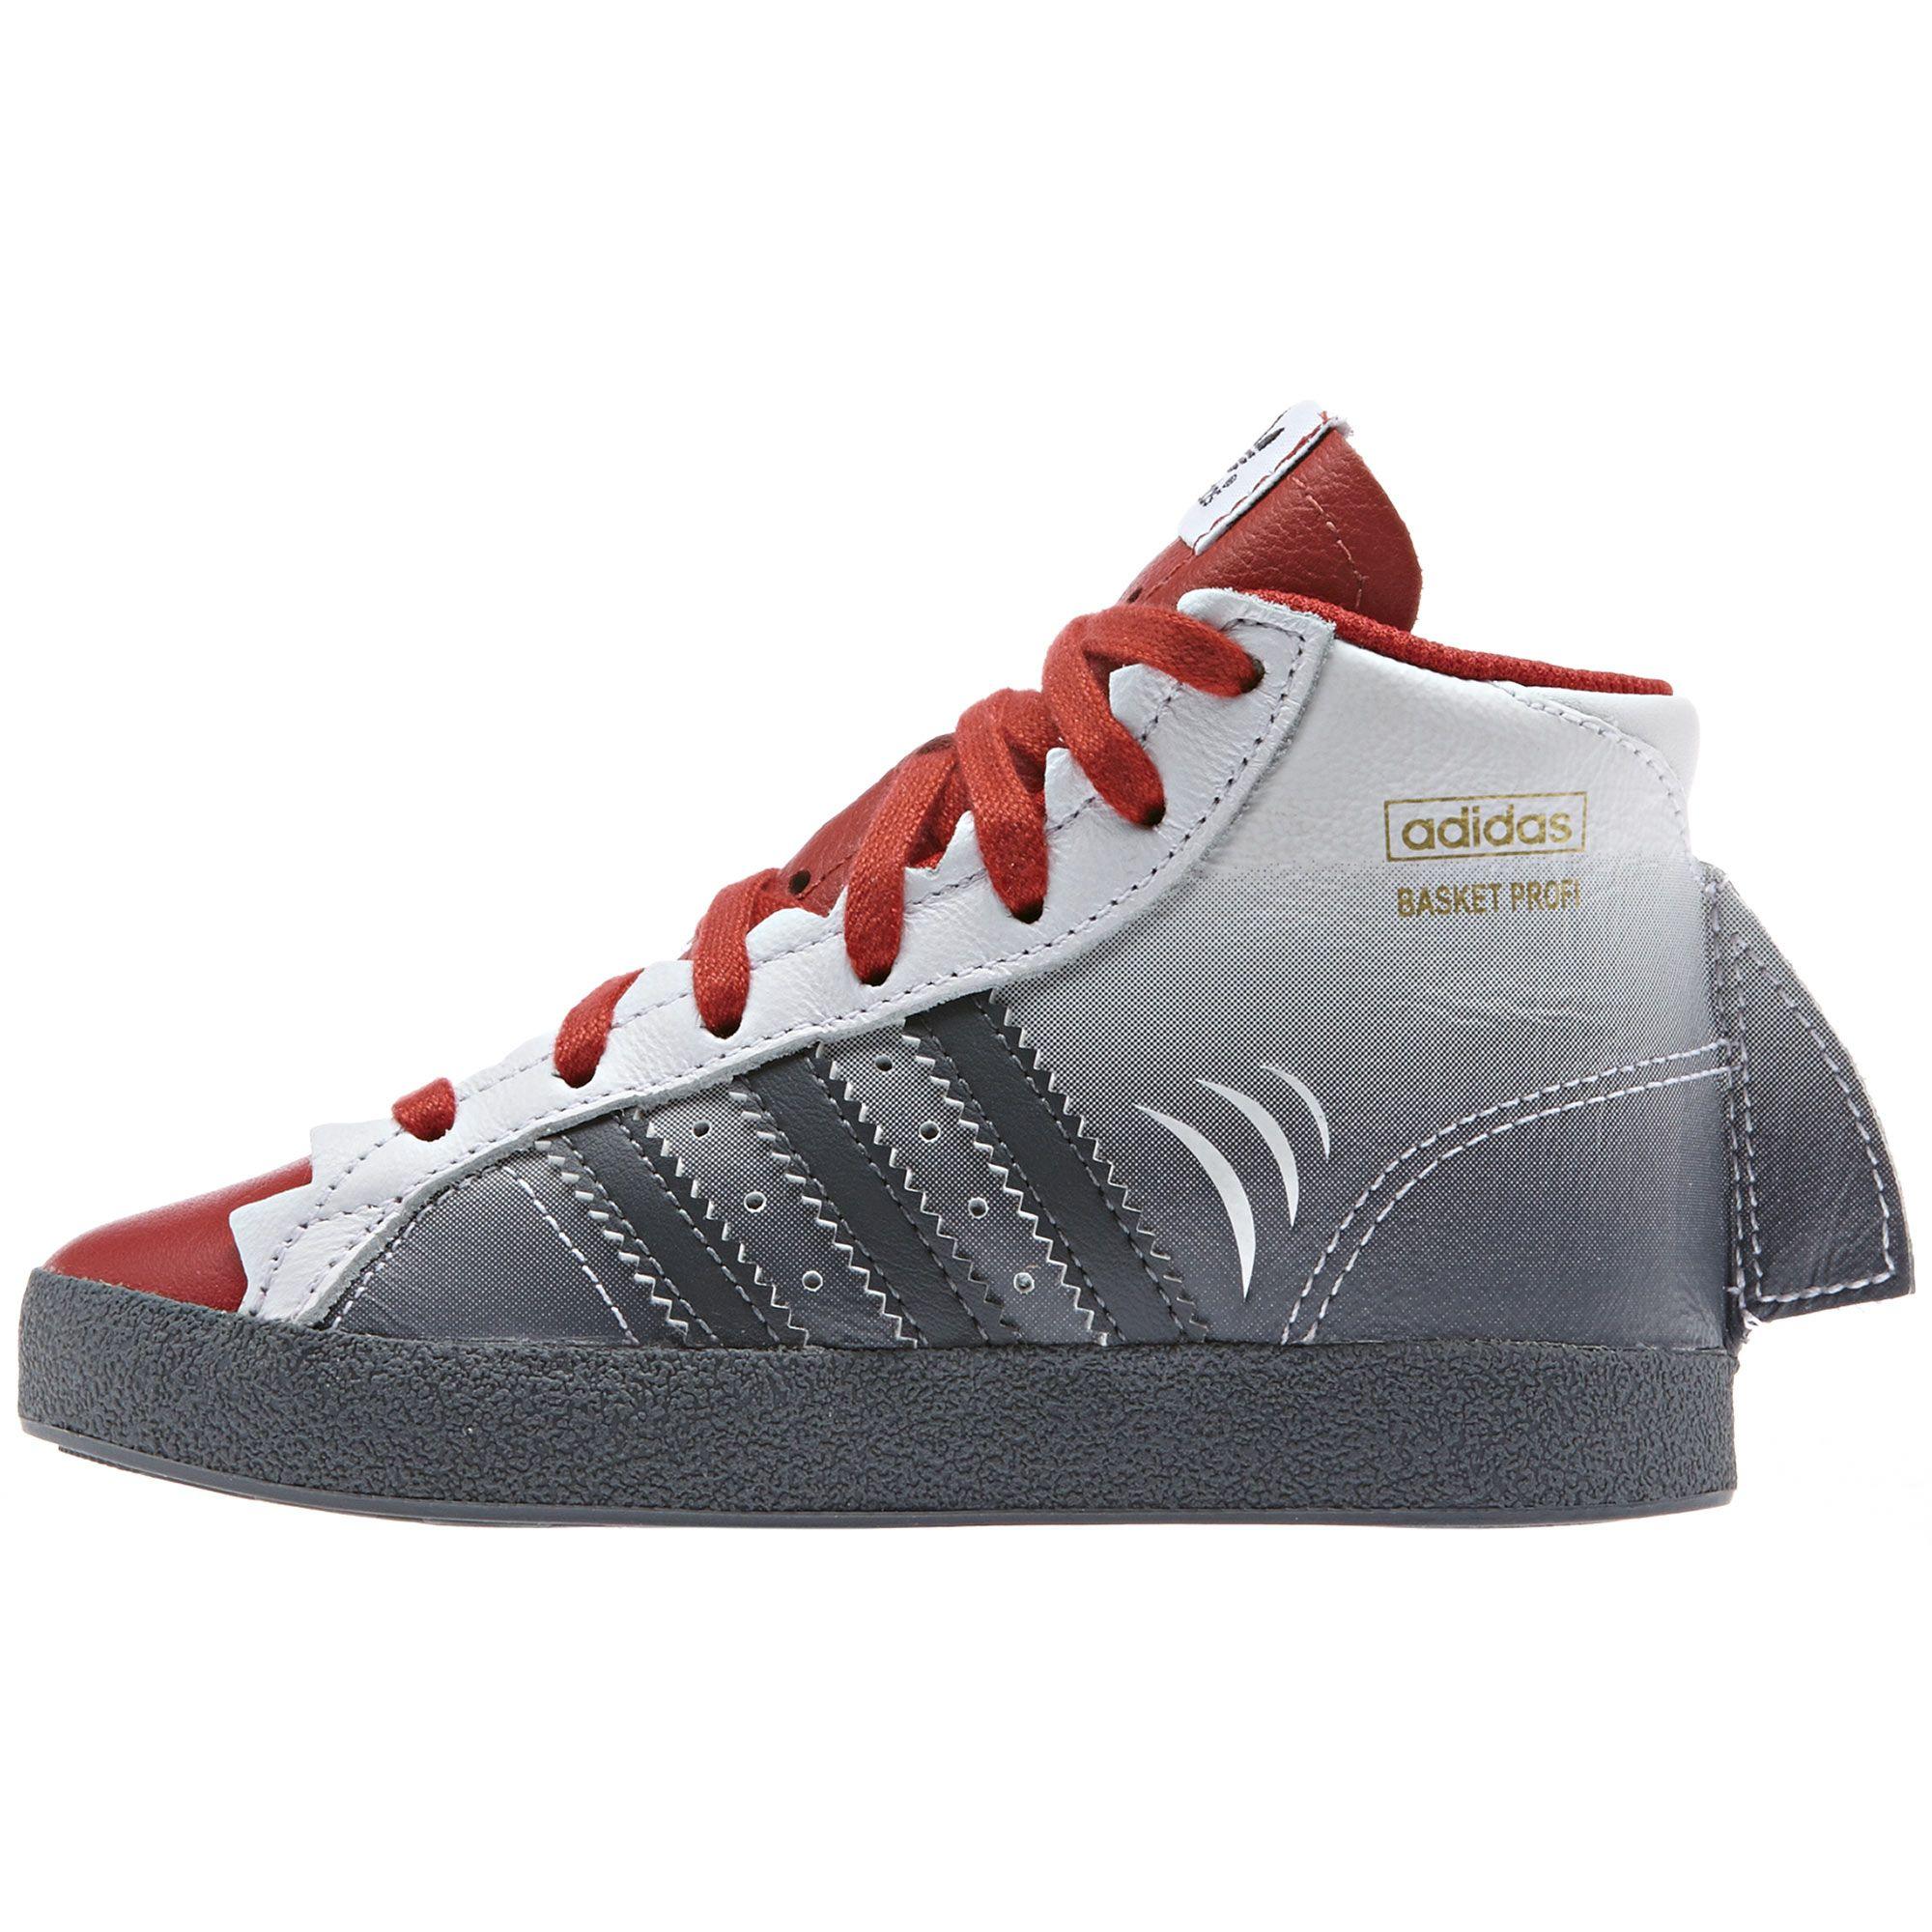 a979071ed9 Tênis Basket Profi Shark I adidas